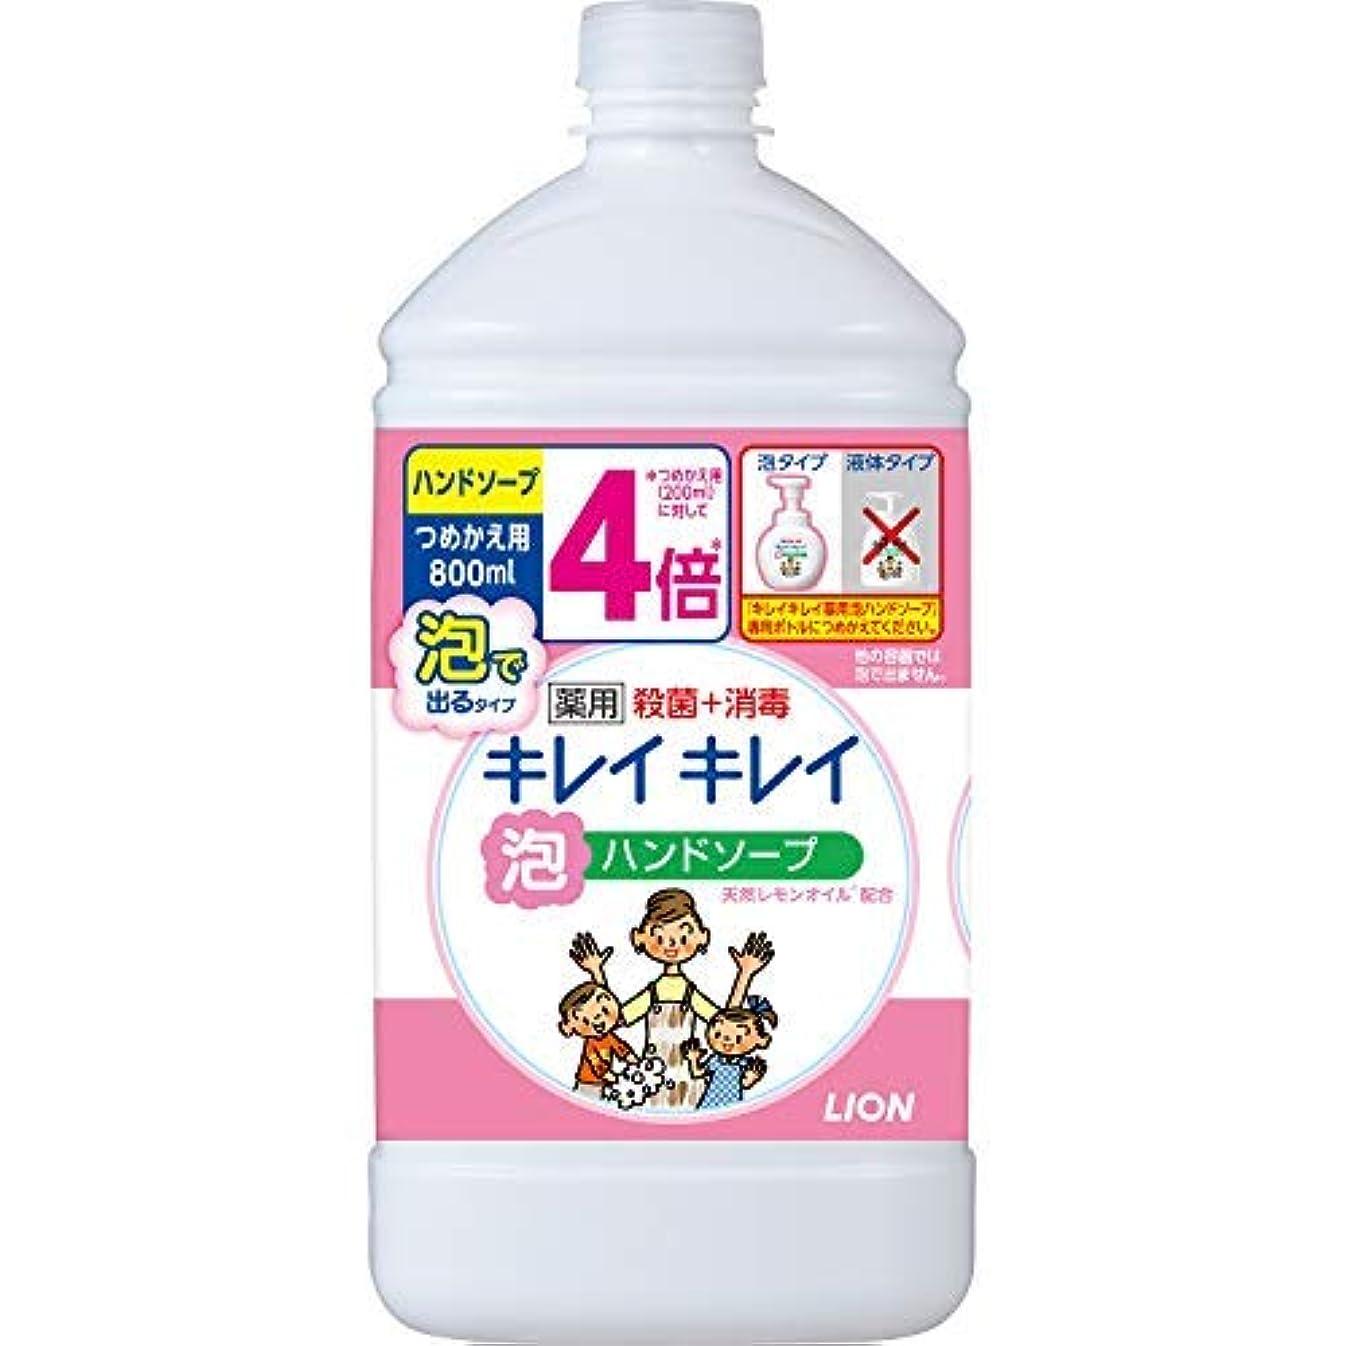 凝縮する傑作バラ色キレイキレイ 薬用泡ハンドソープ つめかえ用特大サイズ シトラスフルーティ × 2個セット